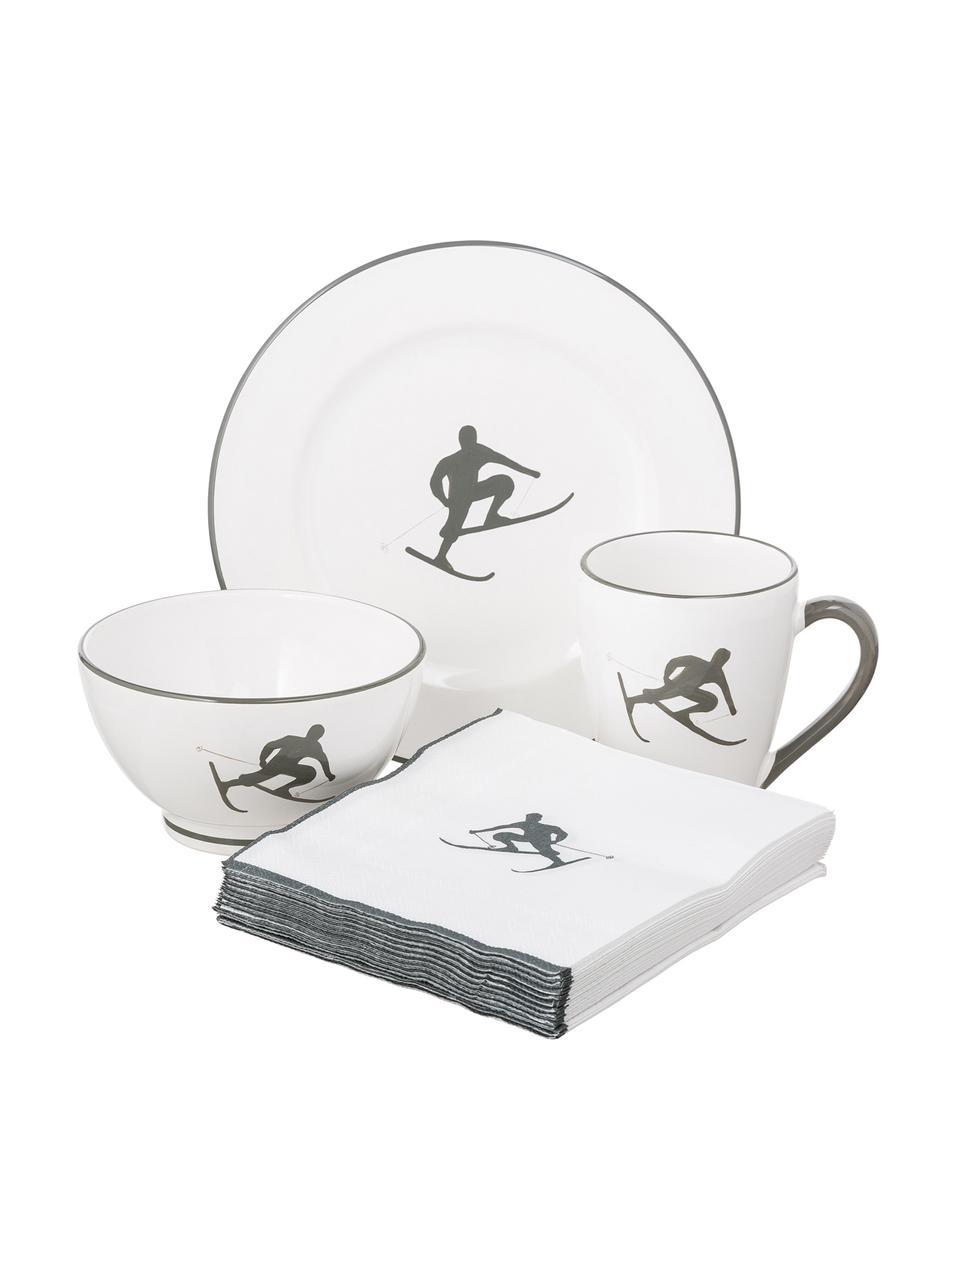 Ręcznie malowany serwis śniadaniowy Toni, 4 elem., Ceramika, Szary, biały, Komplet z różnymi rozmiarami